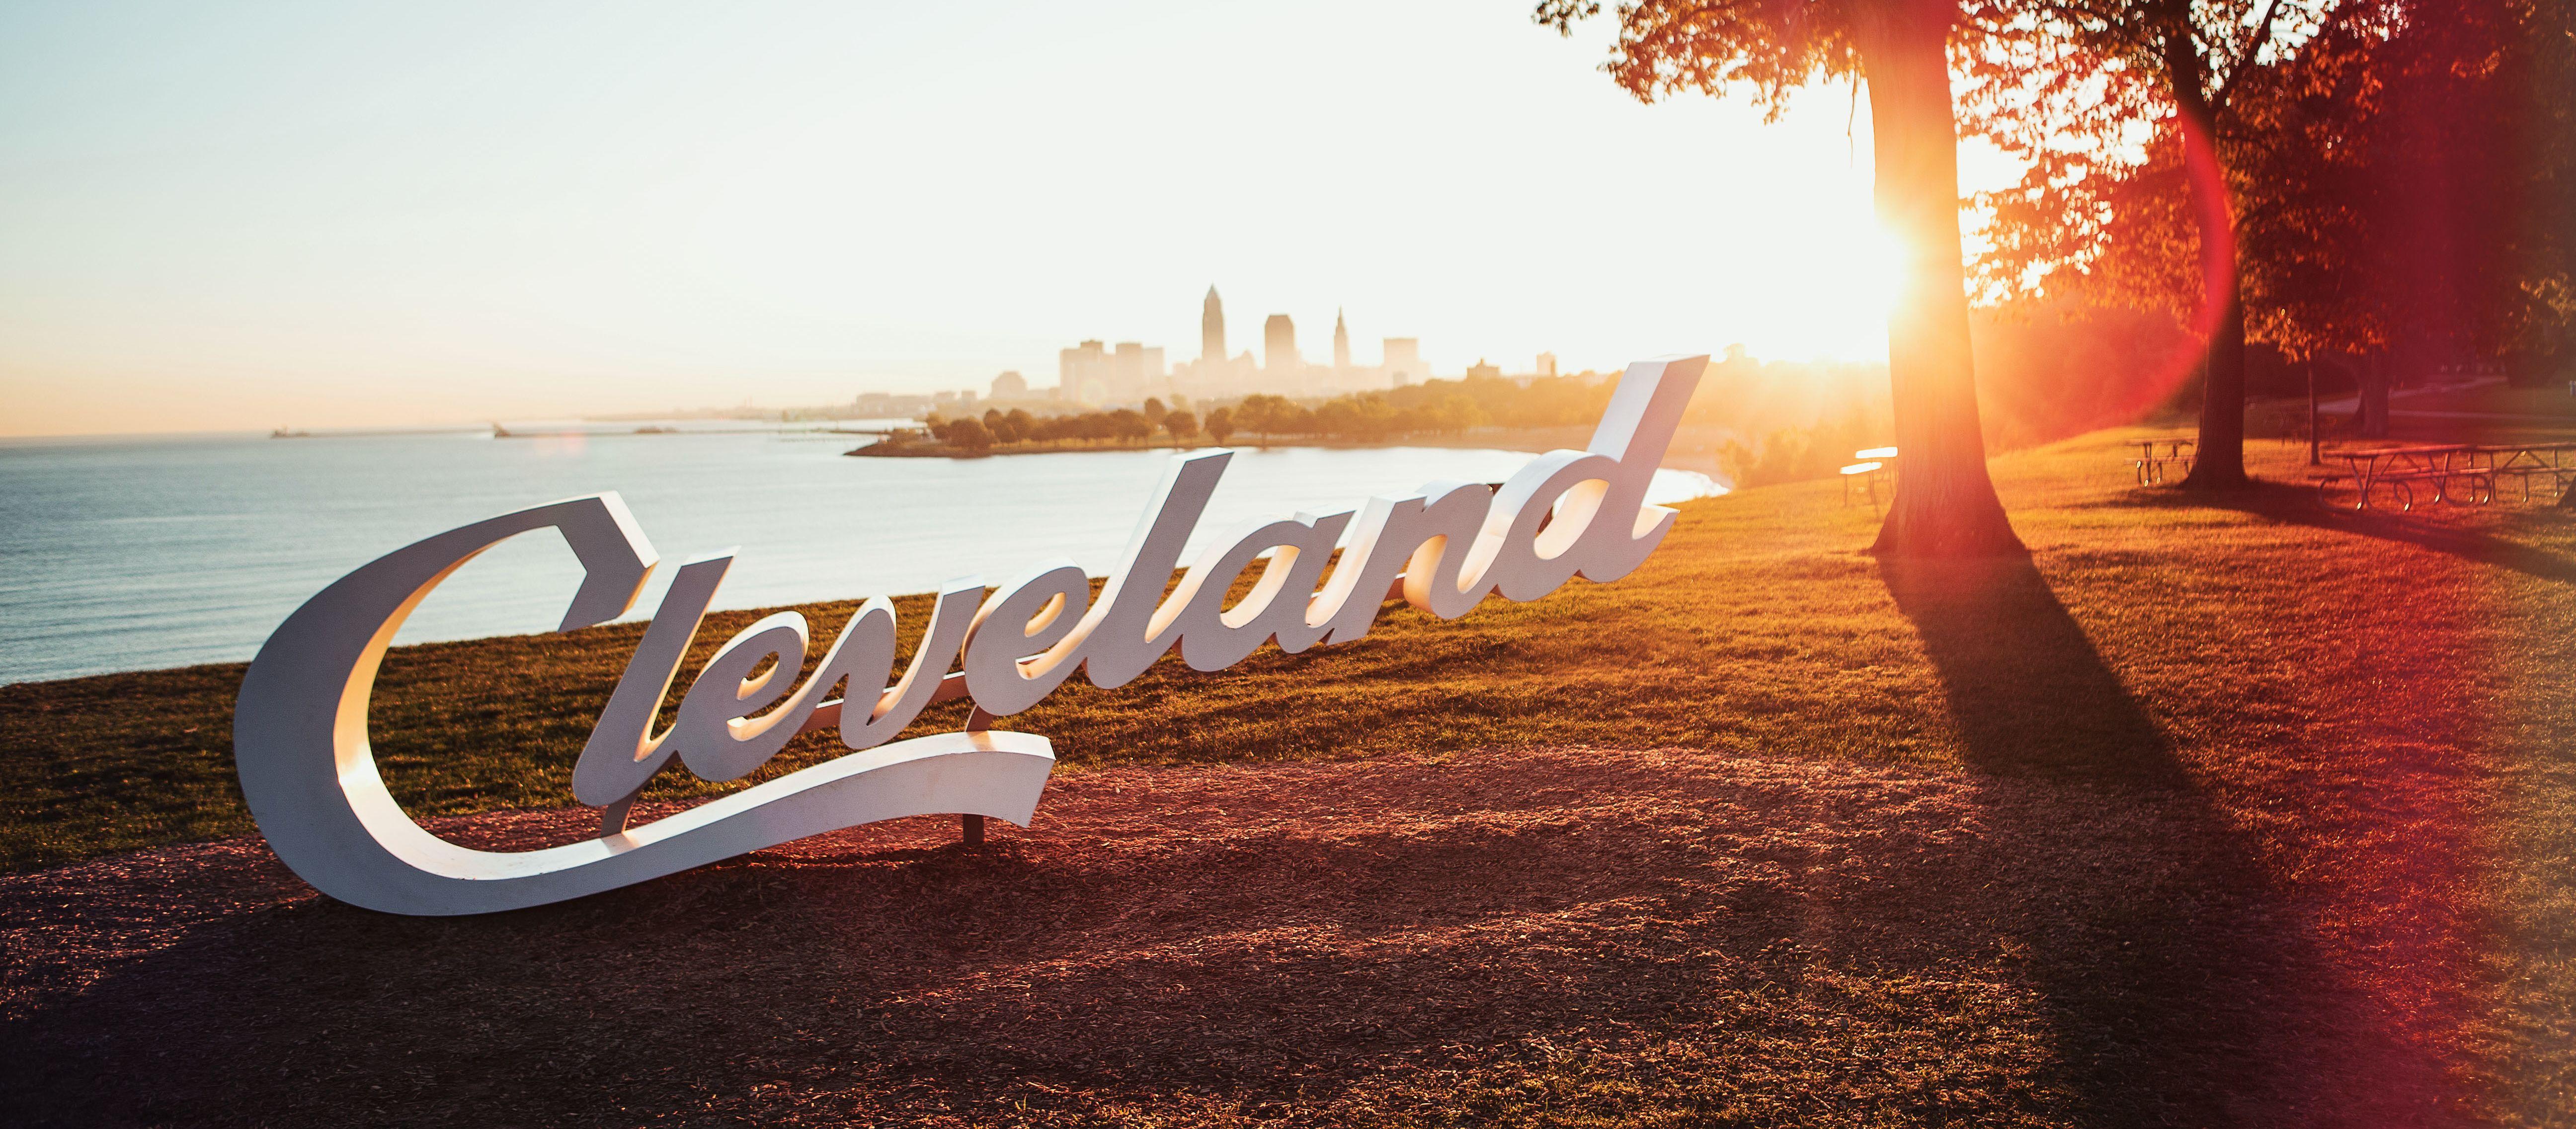 Der Cleveland-Schriftzug am Lake Erie